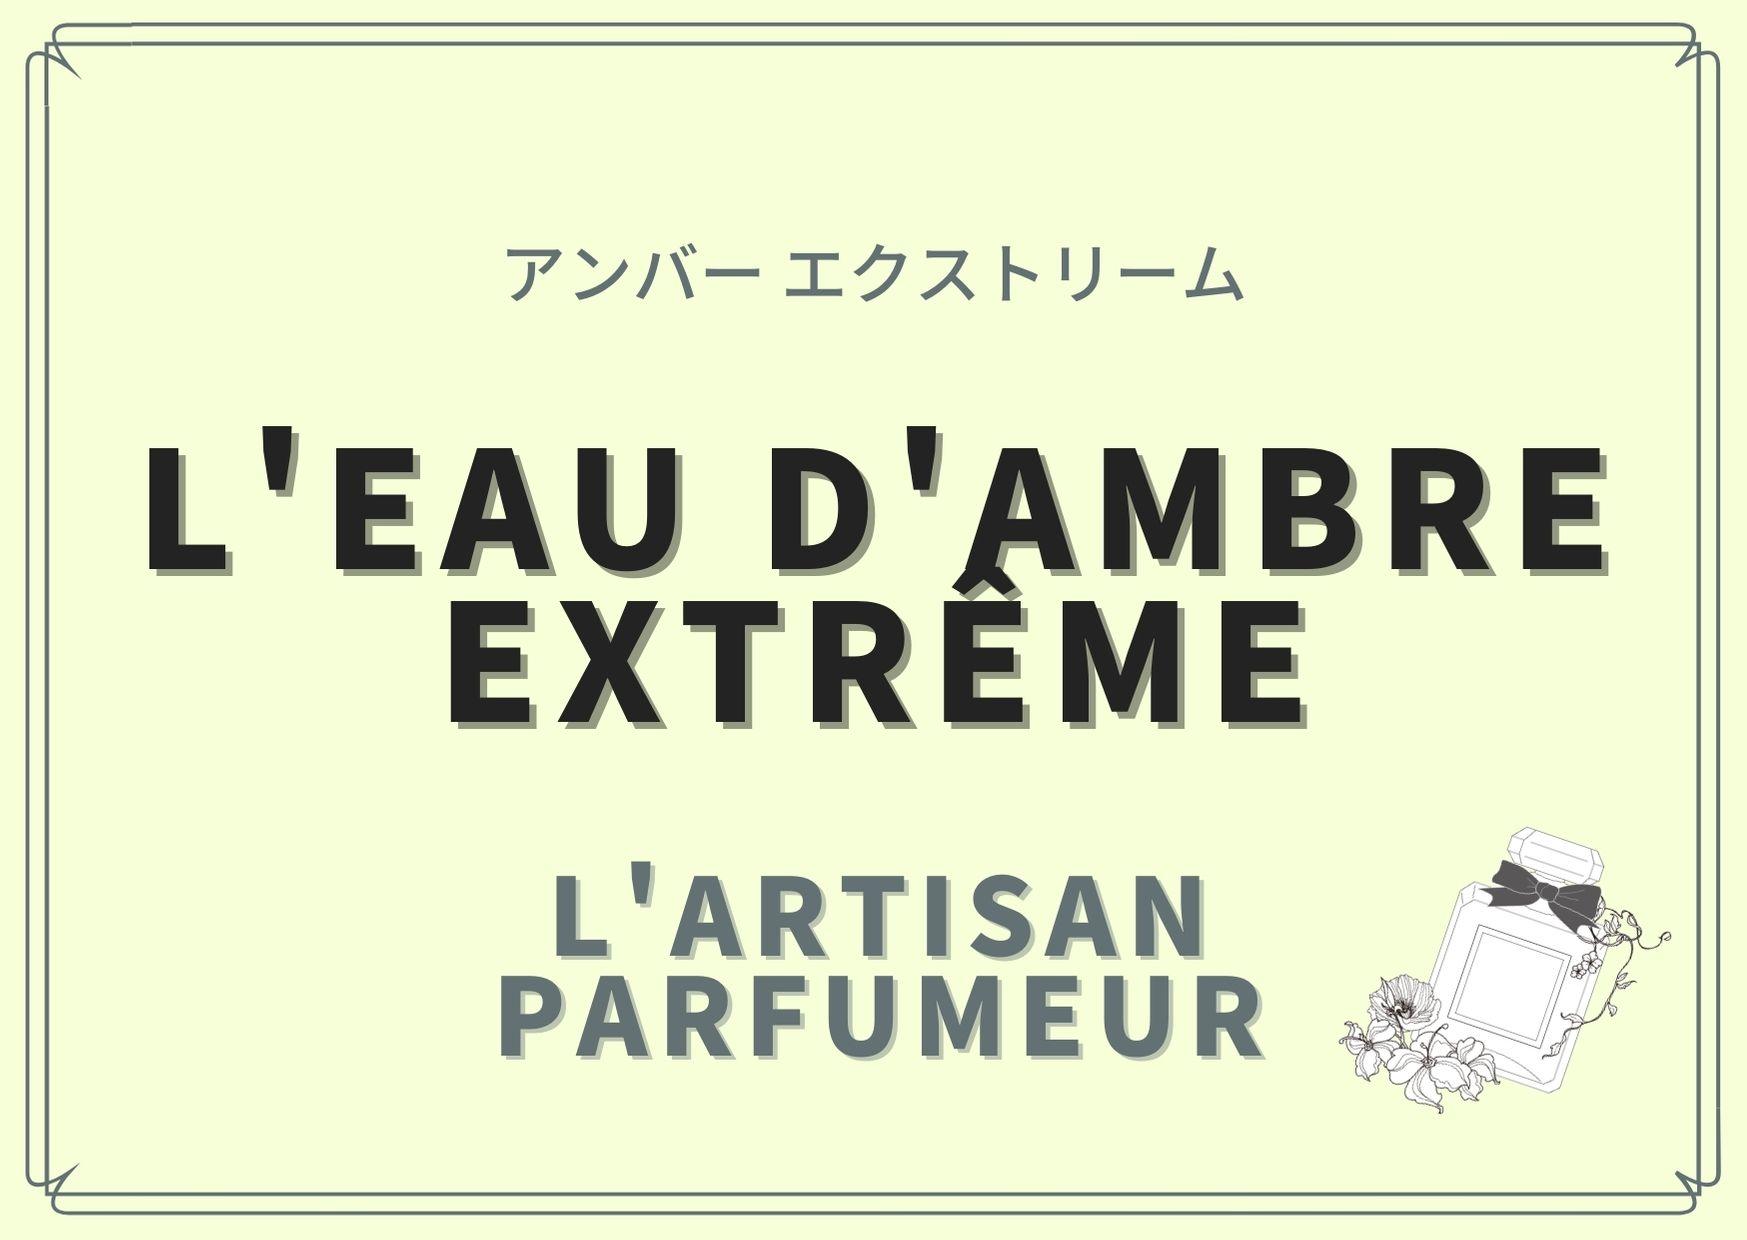 L'EAU D'AMBRE EXTRÊME(アンバー エクストリーム)/L'ARTISAN PARFUMEUR(ラルチザン パフューム)